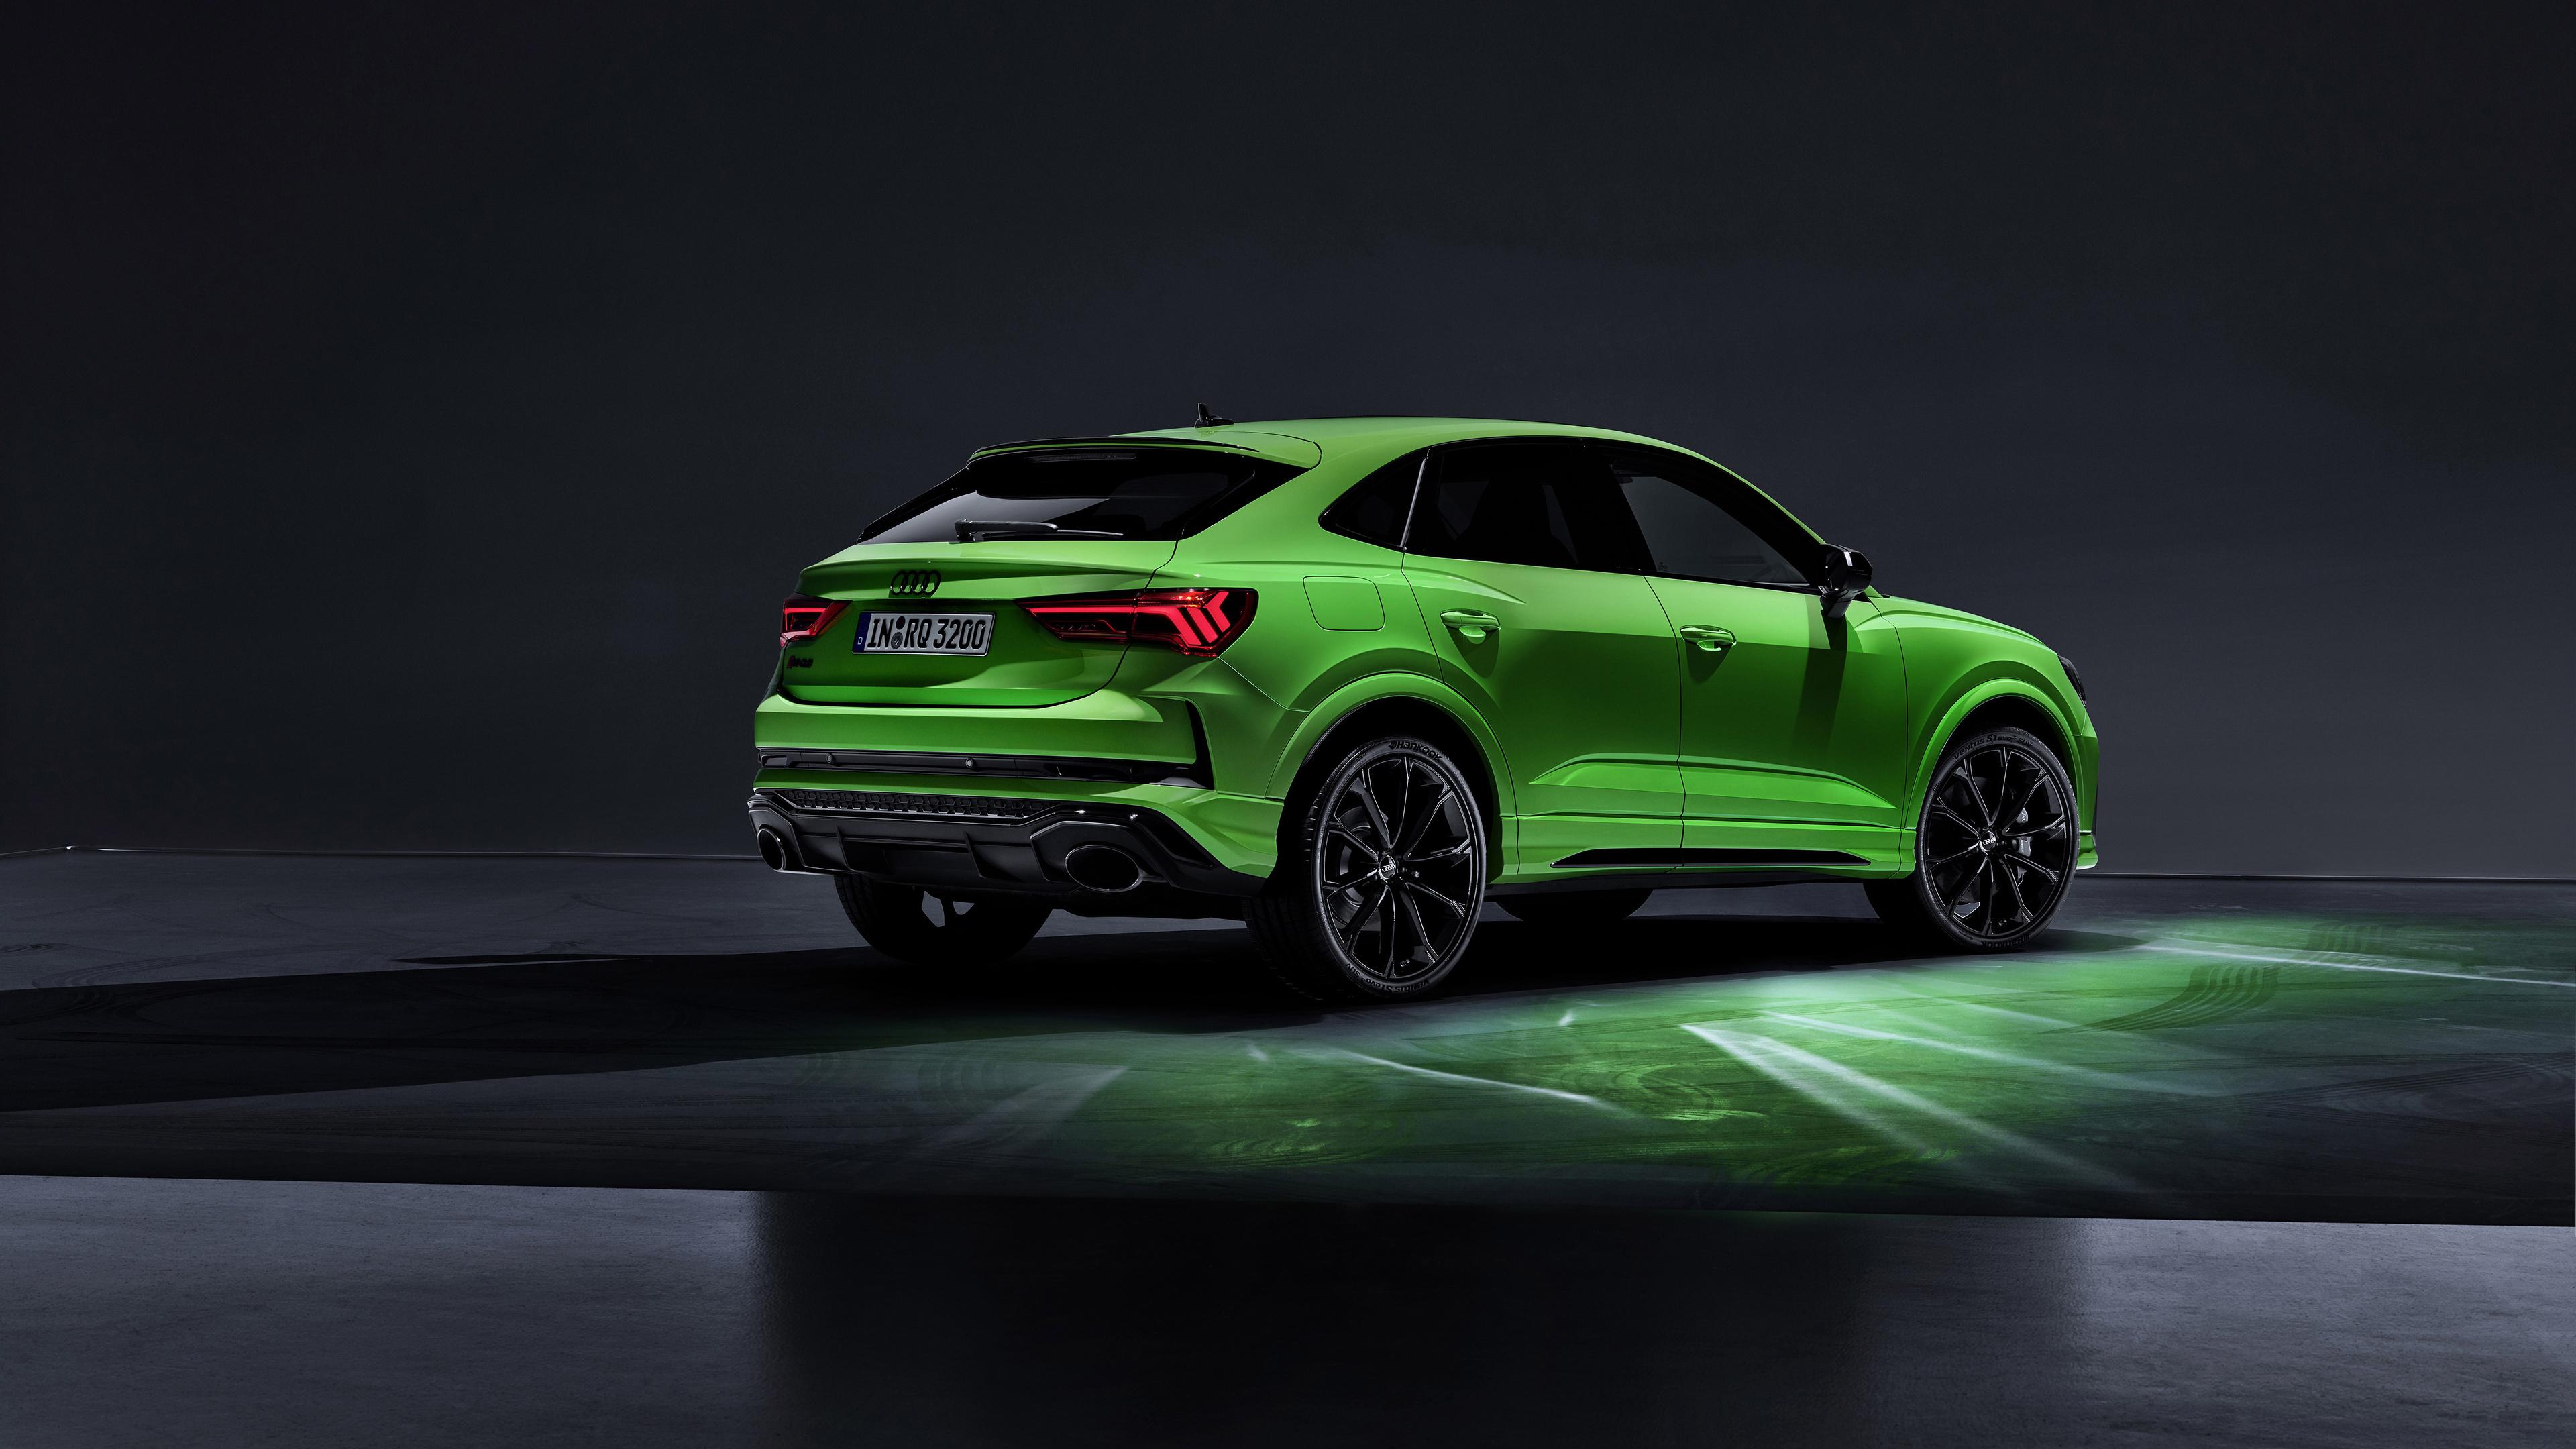 audi rs q3 2019 1570392123 - Audi Rs Q3 2019 - hd-wallpapers, cars wallpapers, audi wallpapers, 4k-wallpapers